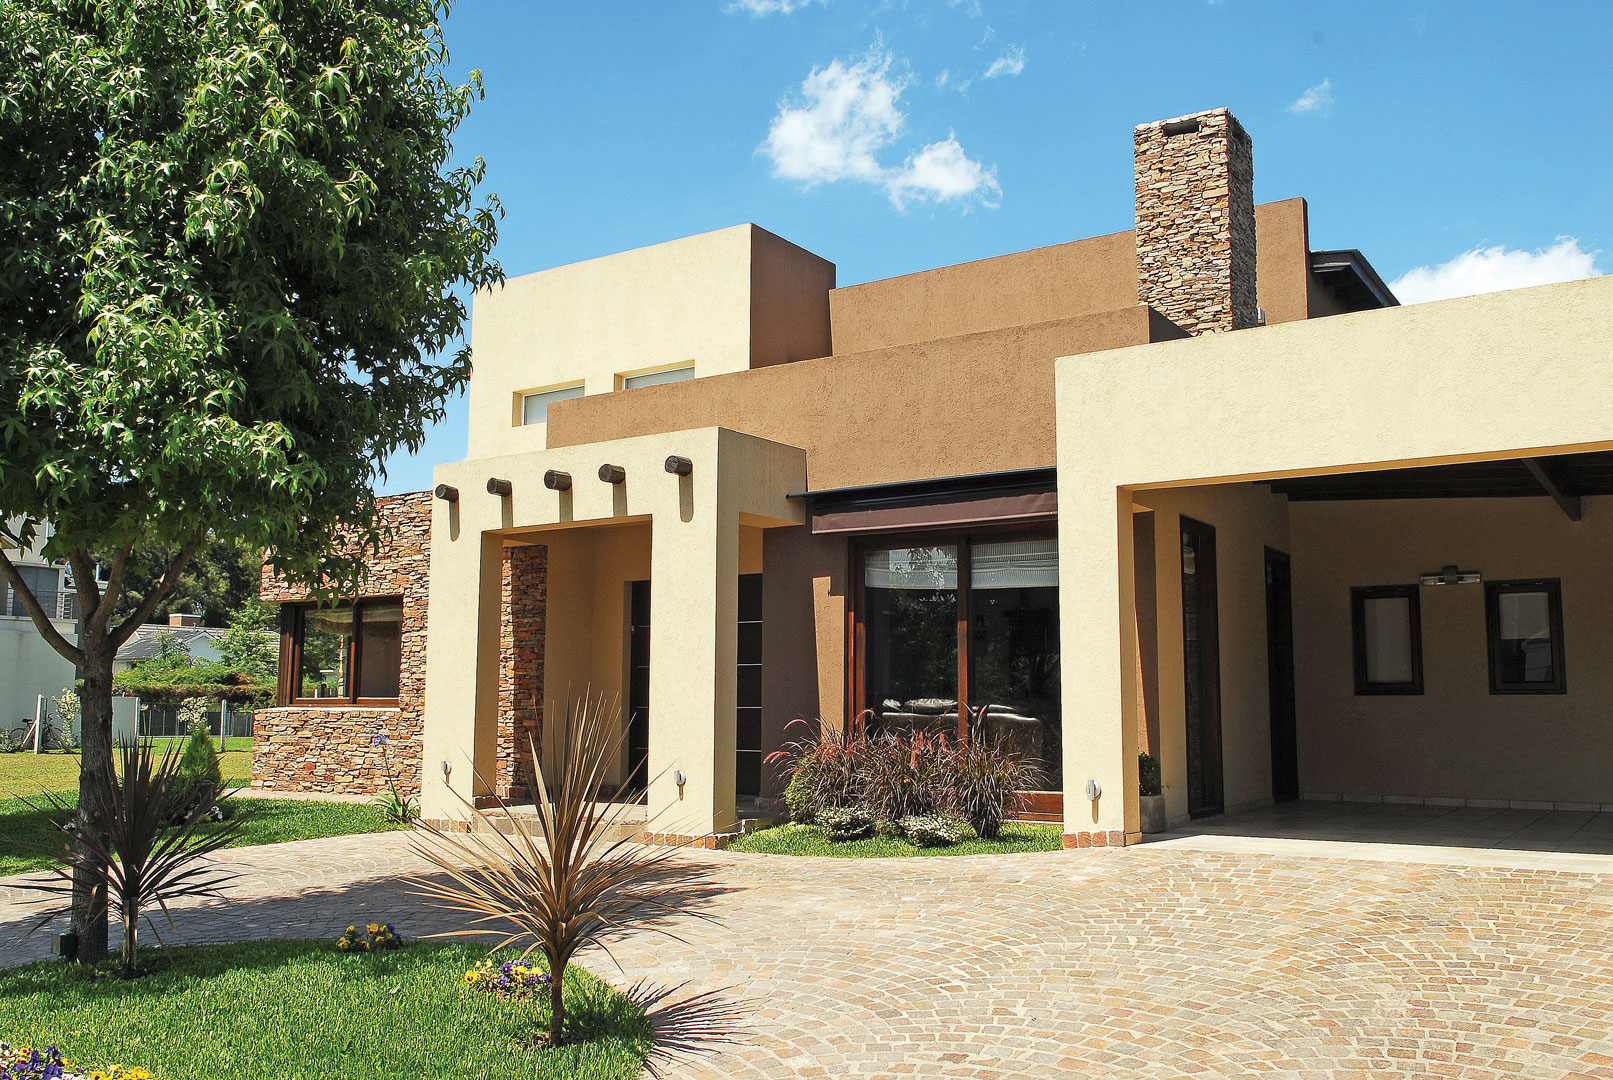 Casa con esp ritu de spa portal de arquitectos for Casa pintadas con colores modernos